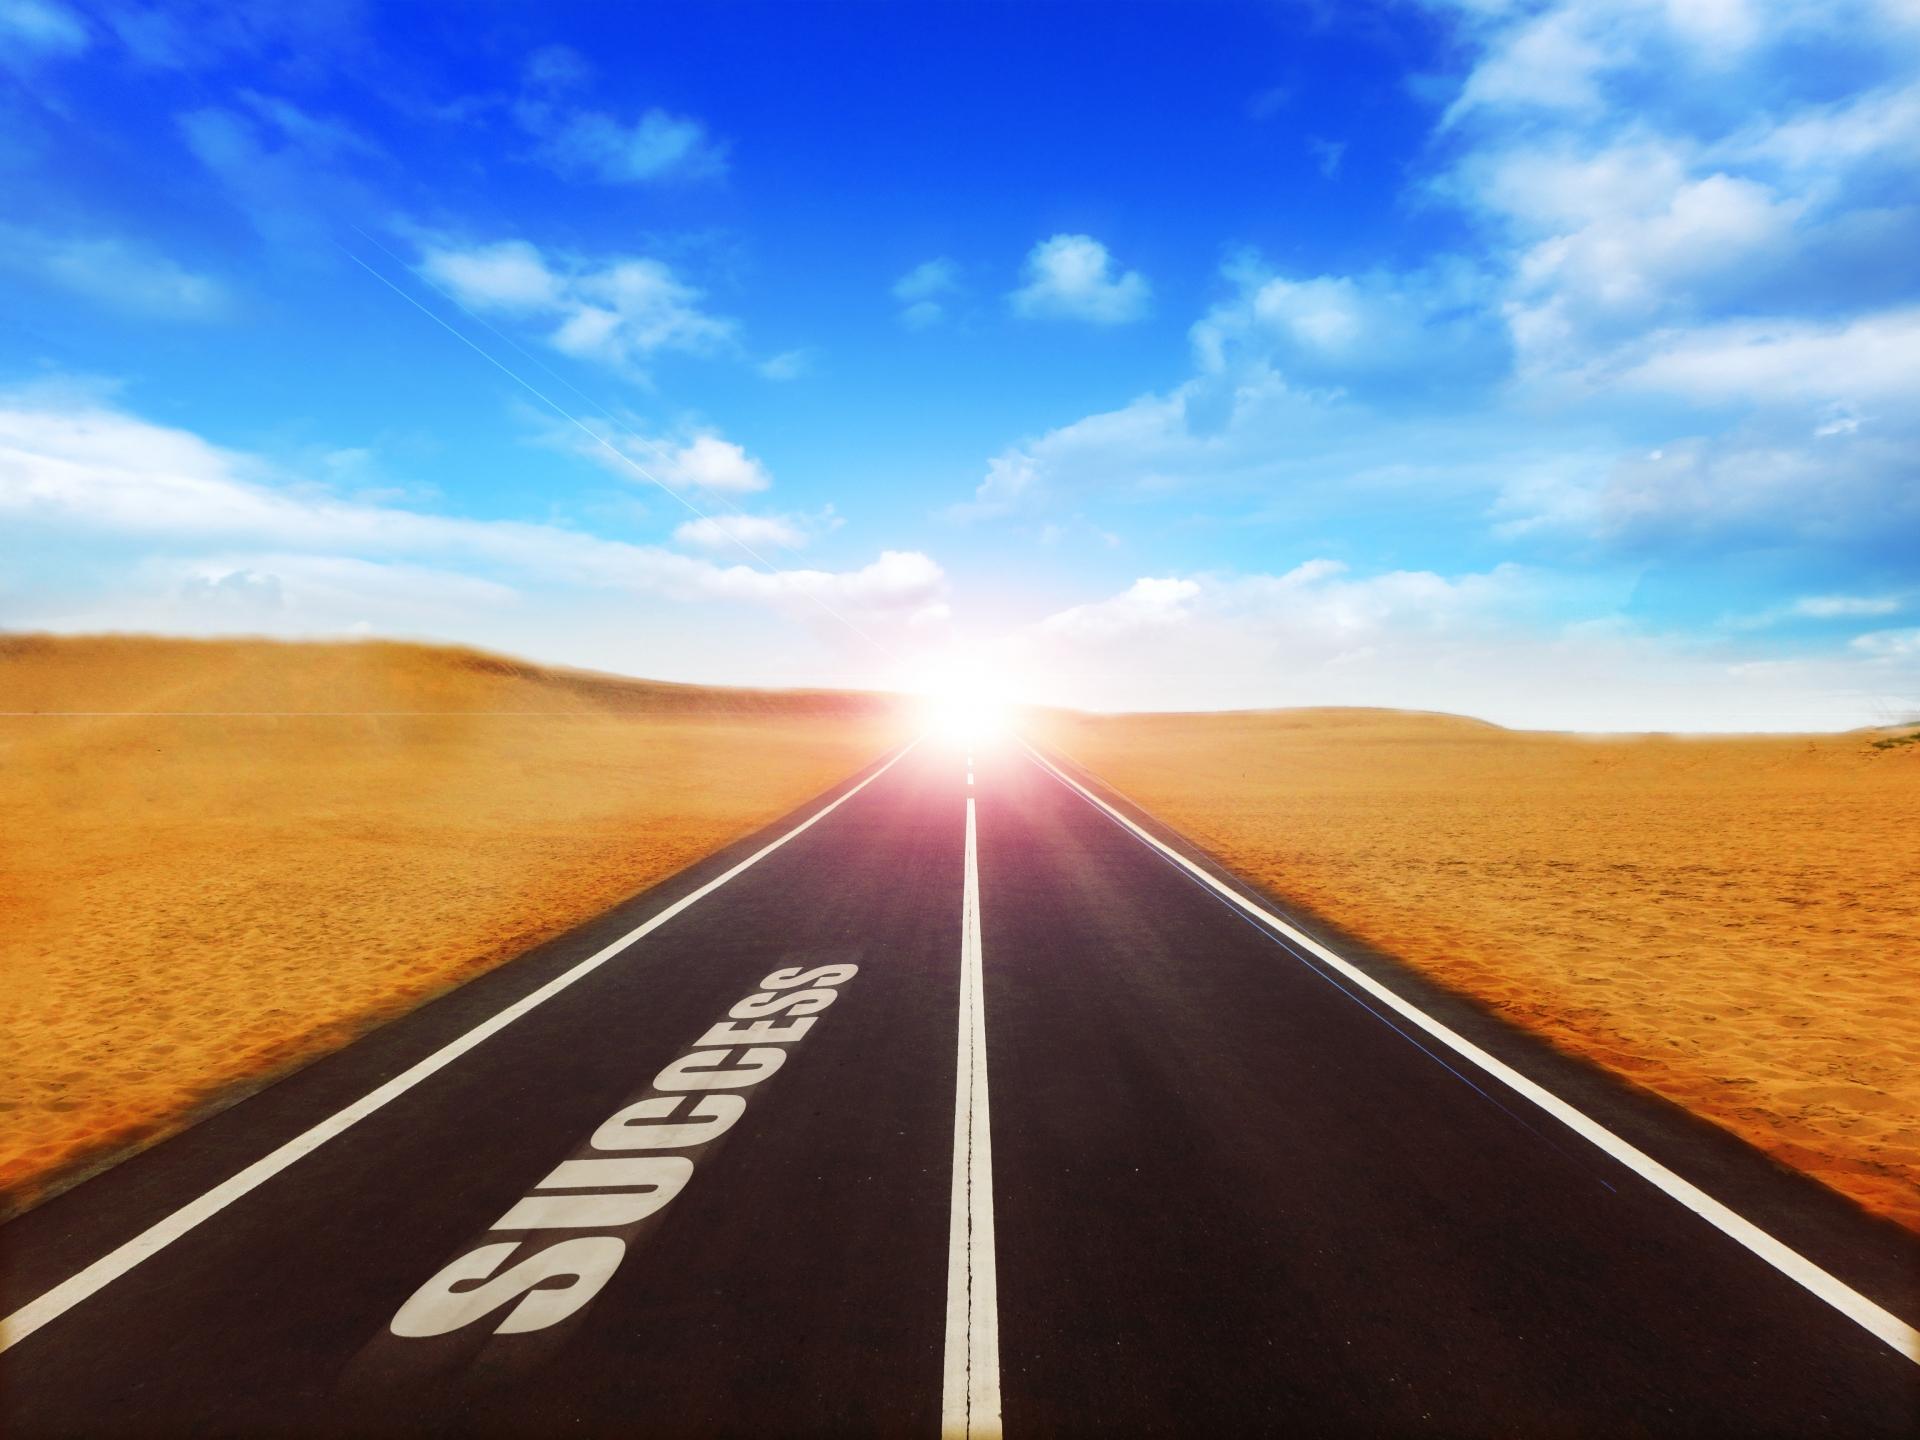 営業からの転職で成功する方法